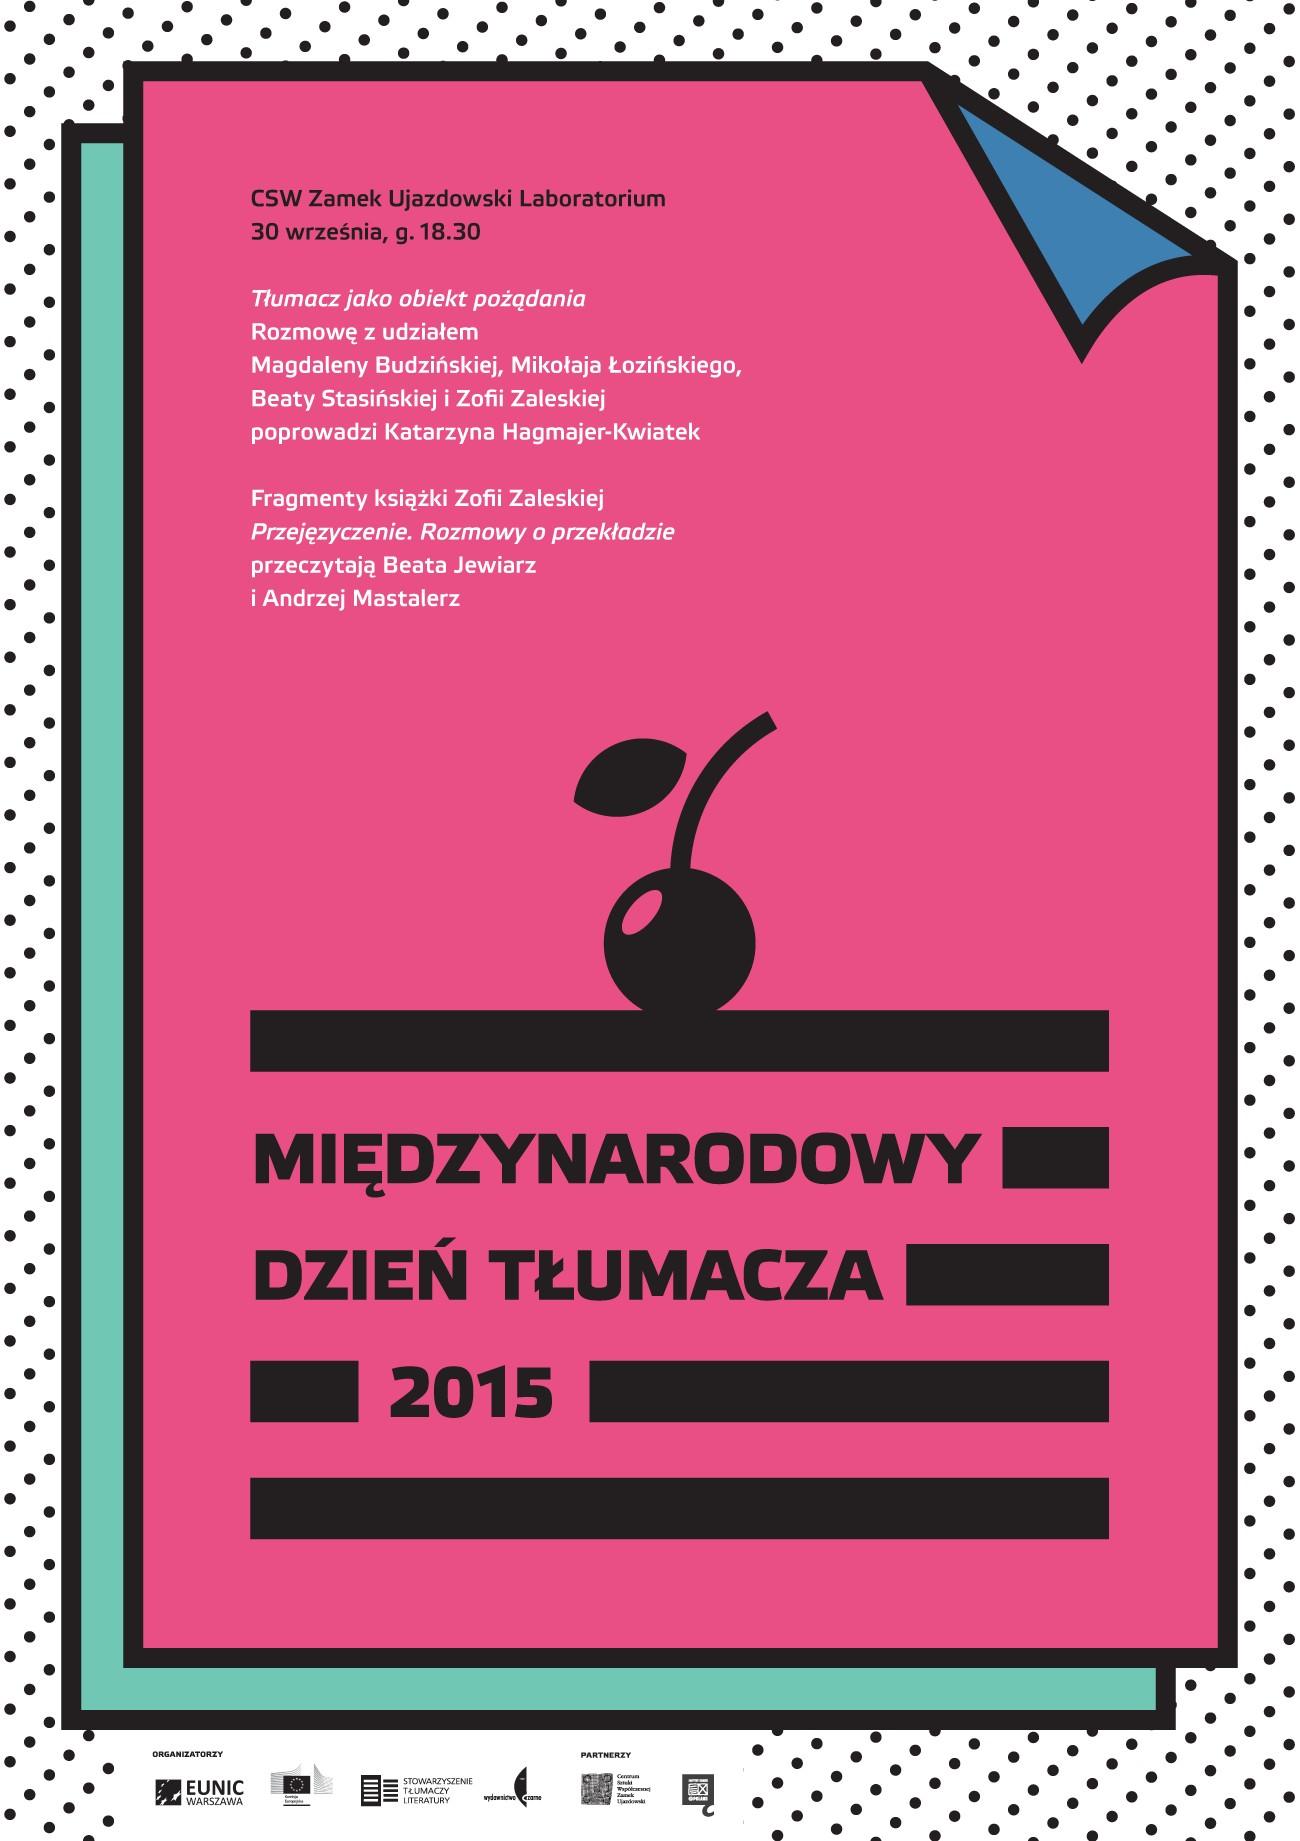 Międzynarodowy Dzień Tłumacza 2015 – plakat (źródło: materiały prasowe organizatora)